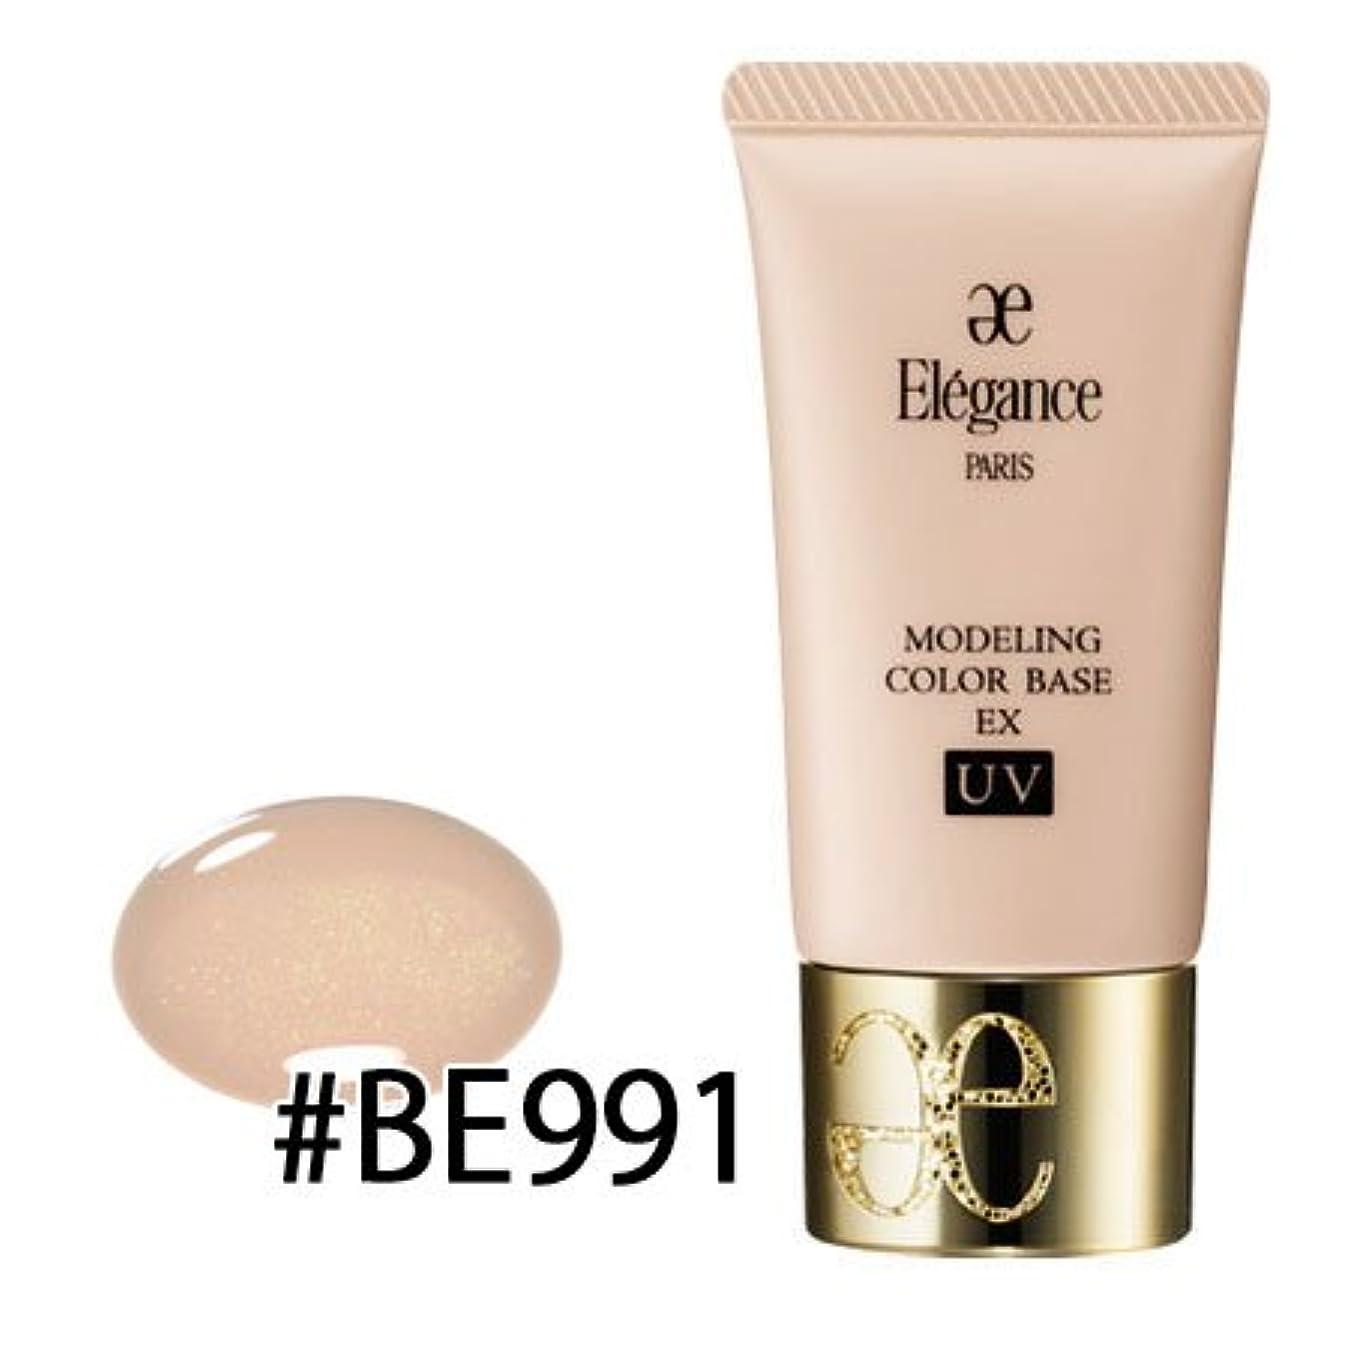 縫う援助冷ややかなエレガンス モデリング カラーベース EX UV #BE991